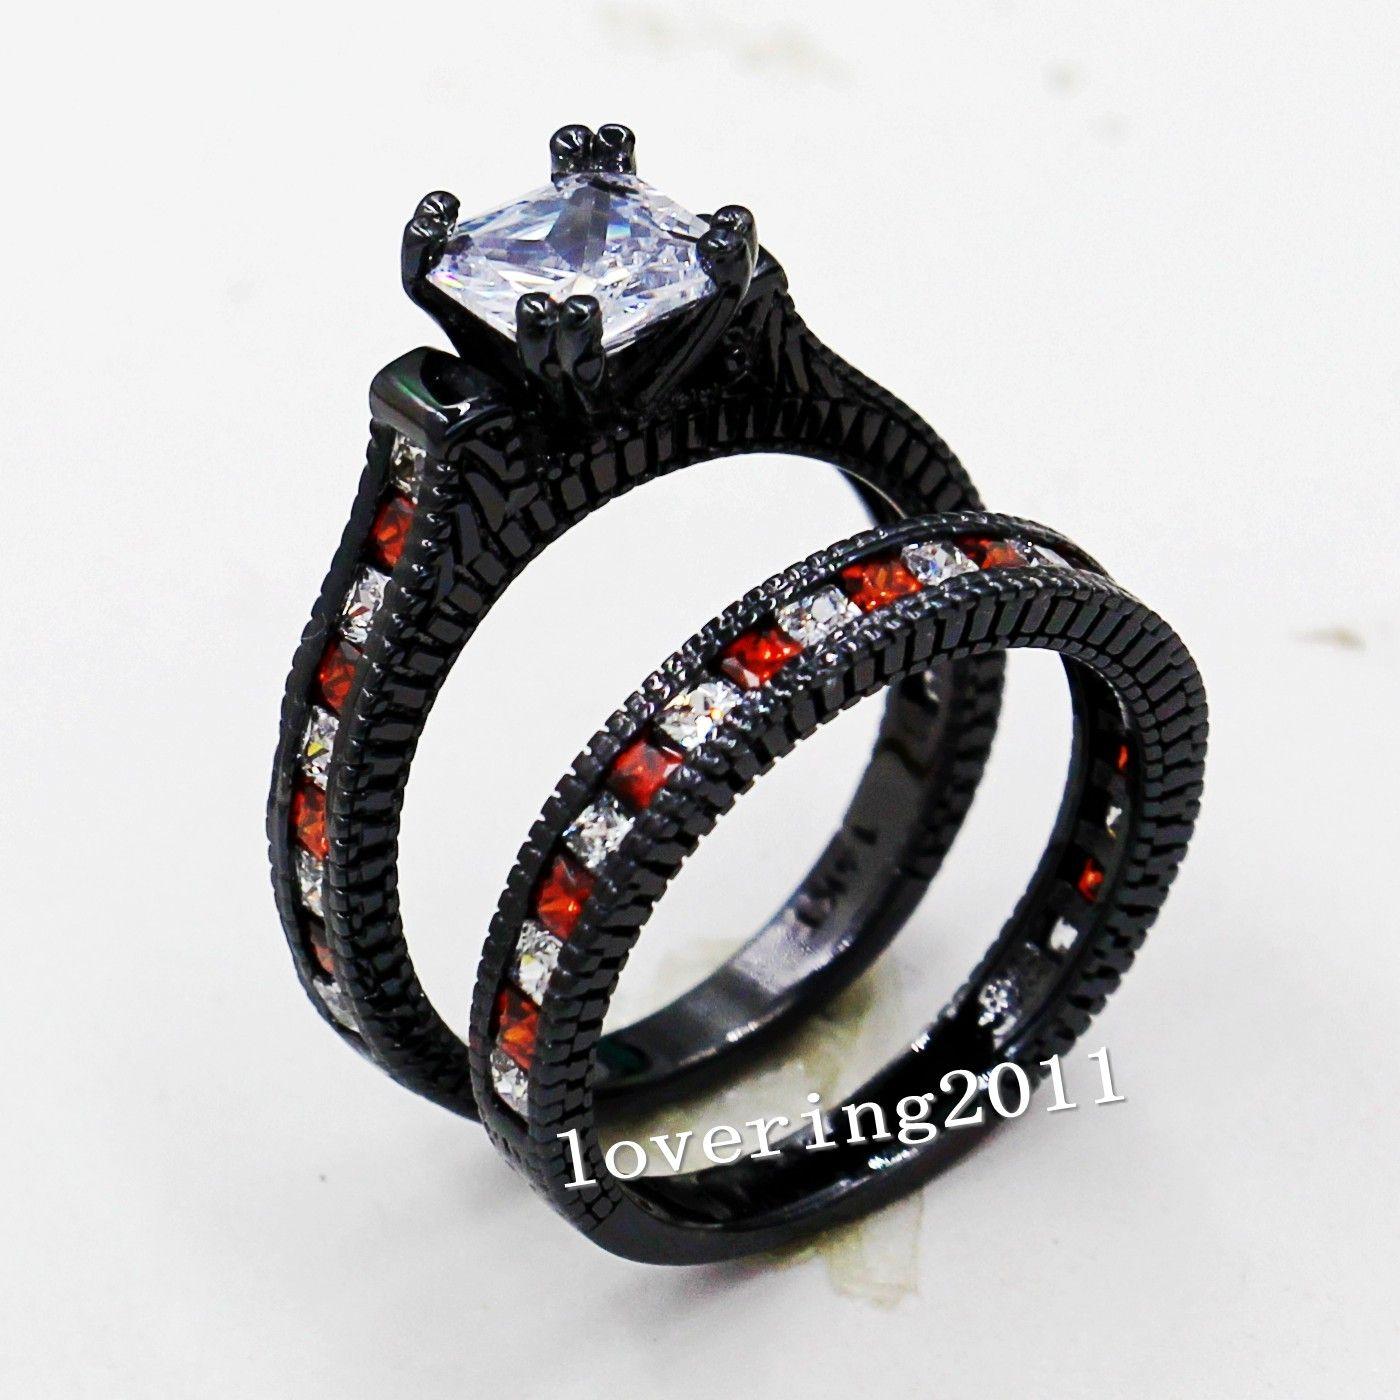 Tamanho 5-11 Retro moda jóias 14kt ouro preto cheio Red Garnet Multi pedra CZ Simulado Diamante mulheres Wedding Engagement Ring set presente